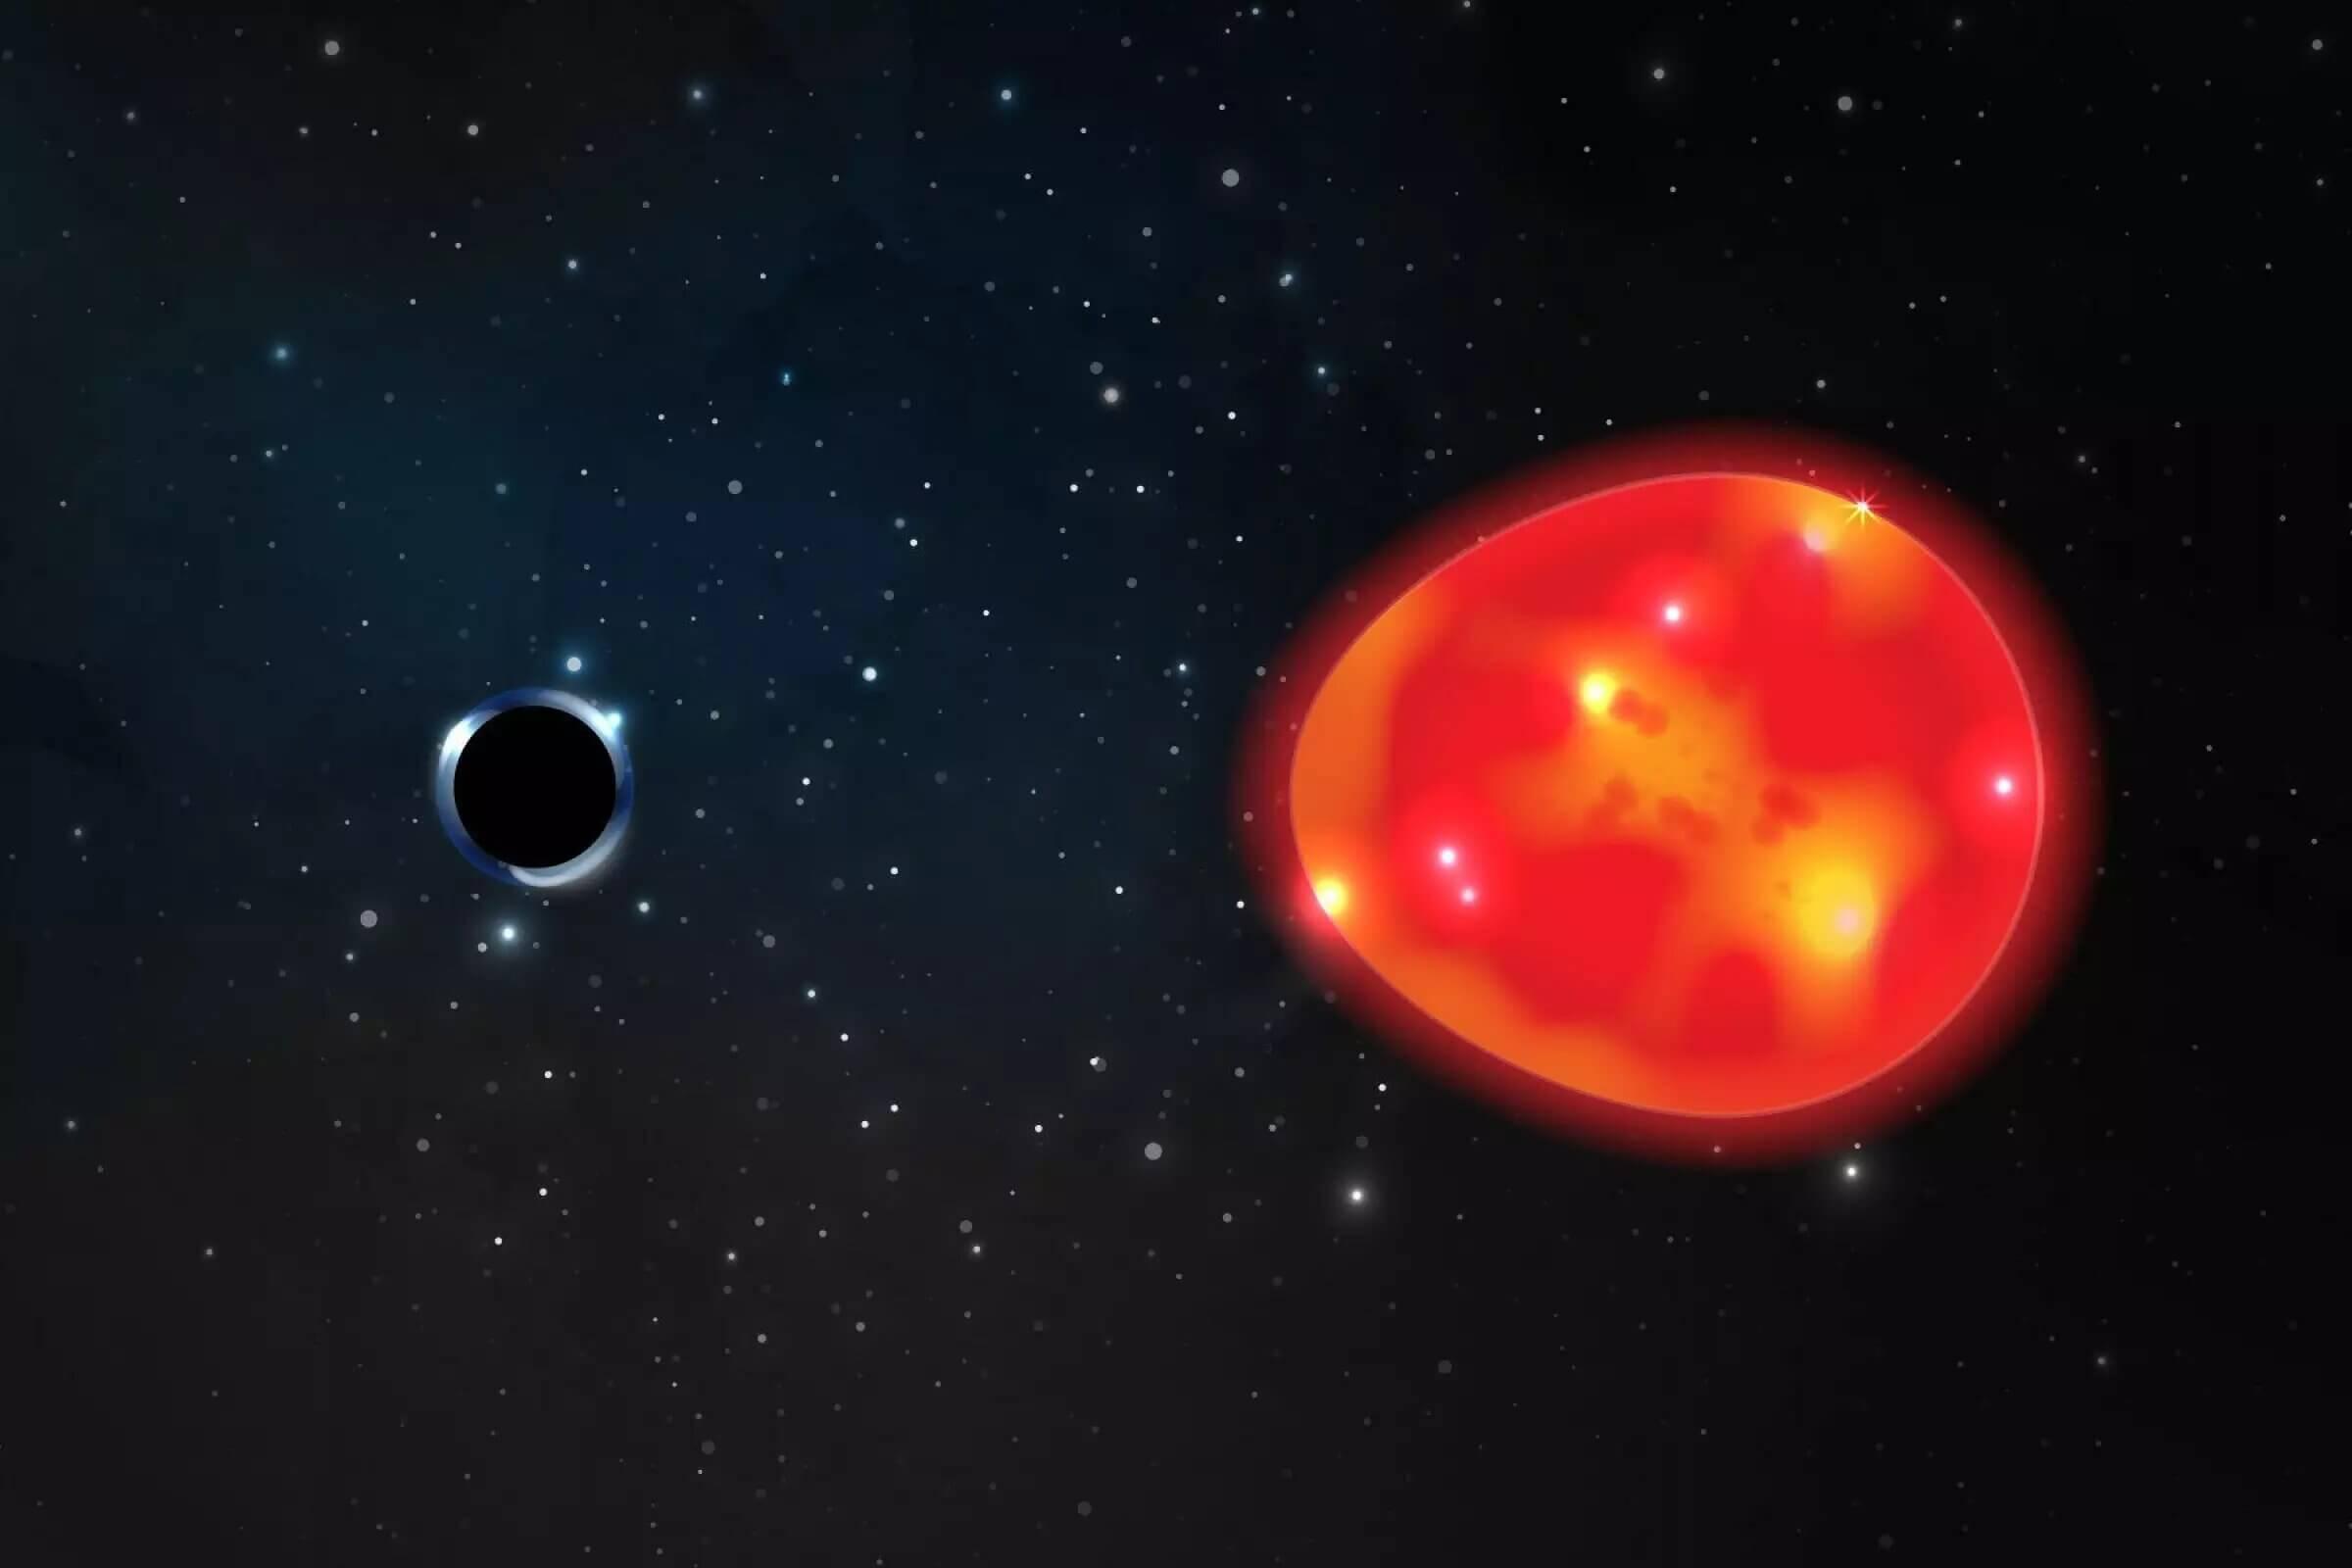 В космосе обнаружен  «Единорог» – ближайшая  к Земле черная дыра